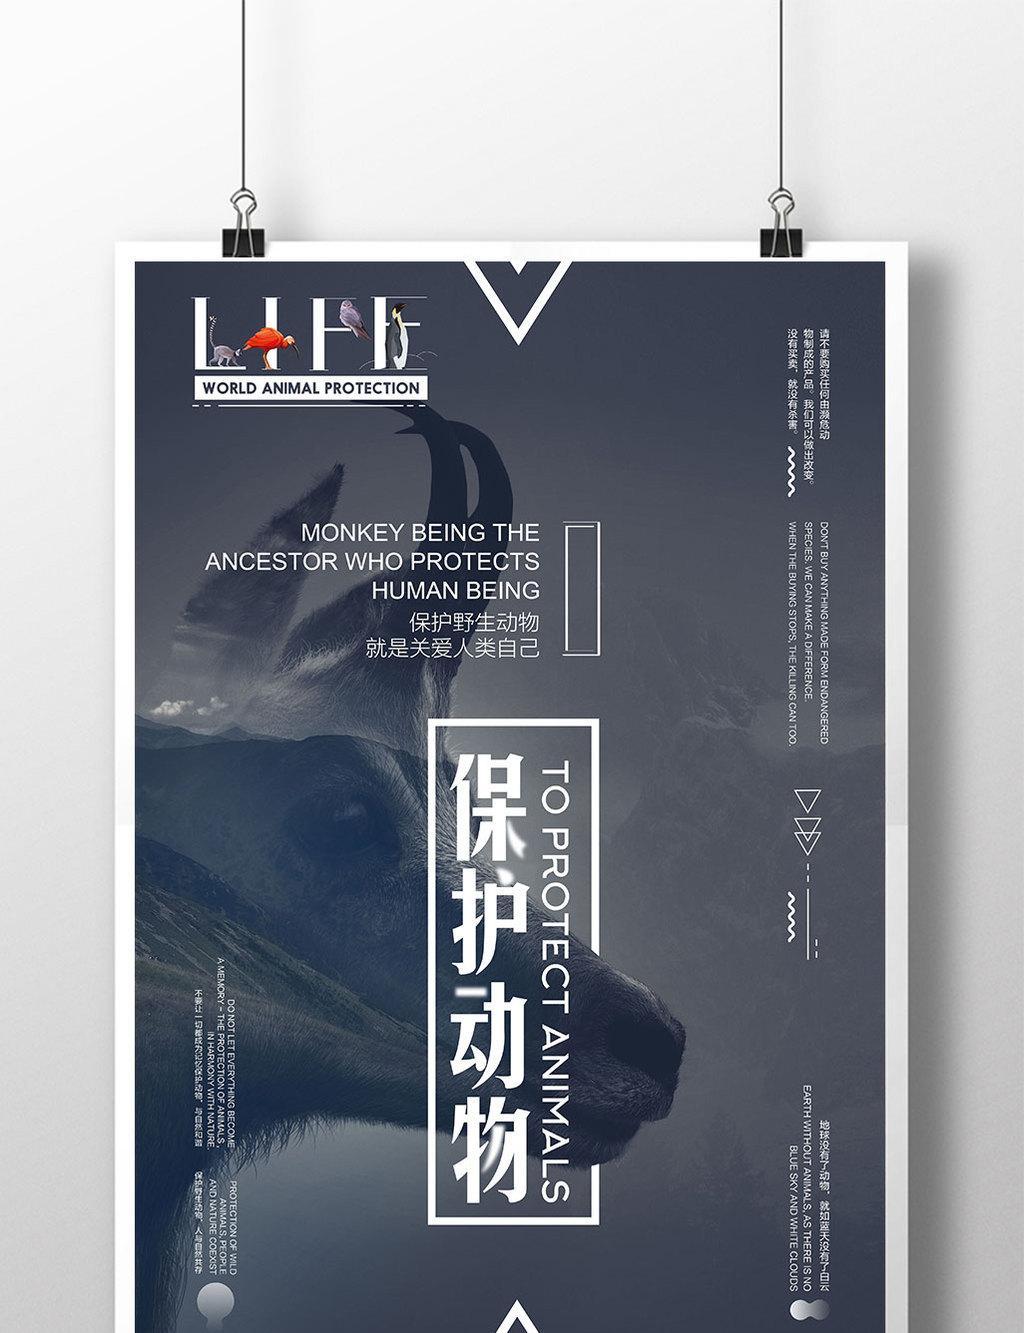 高质量的公益海报设计要具备哪些特性?